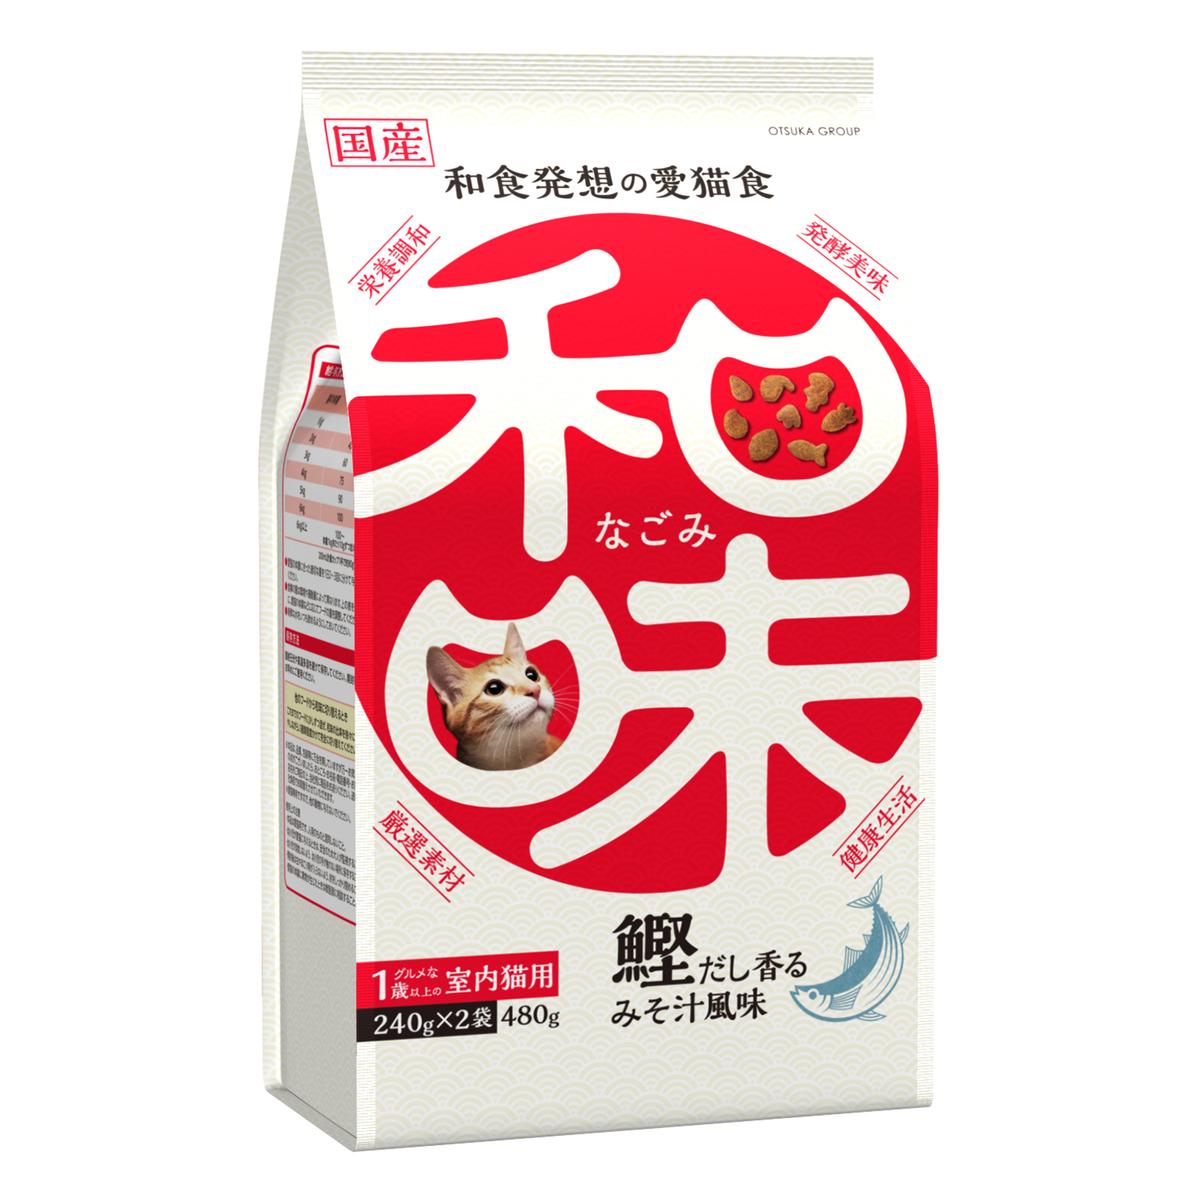 日本和味鰹魚風味貓乾糧 480G